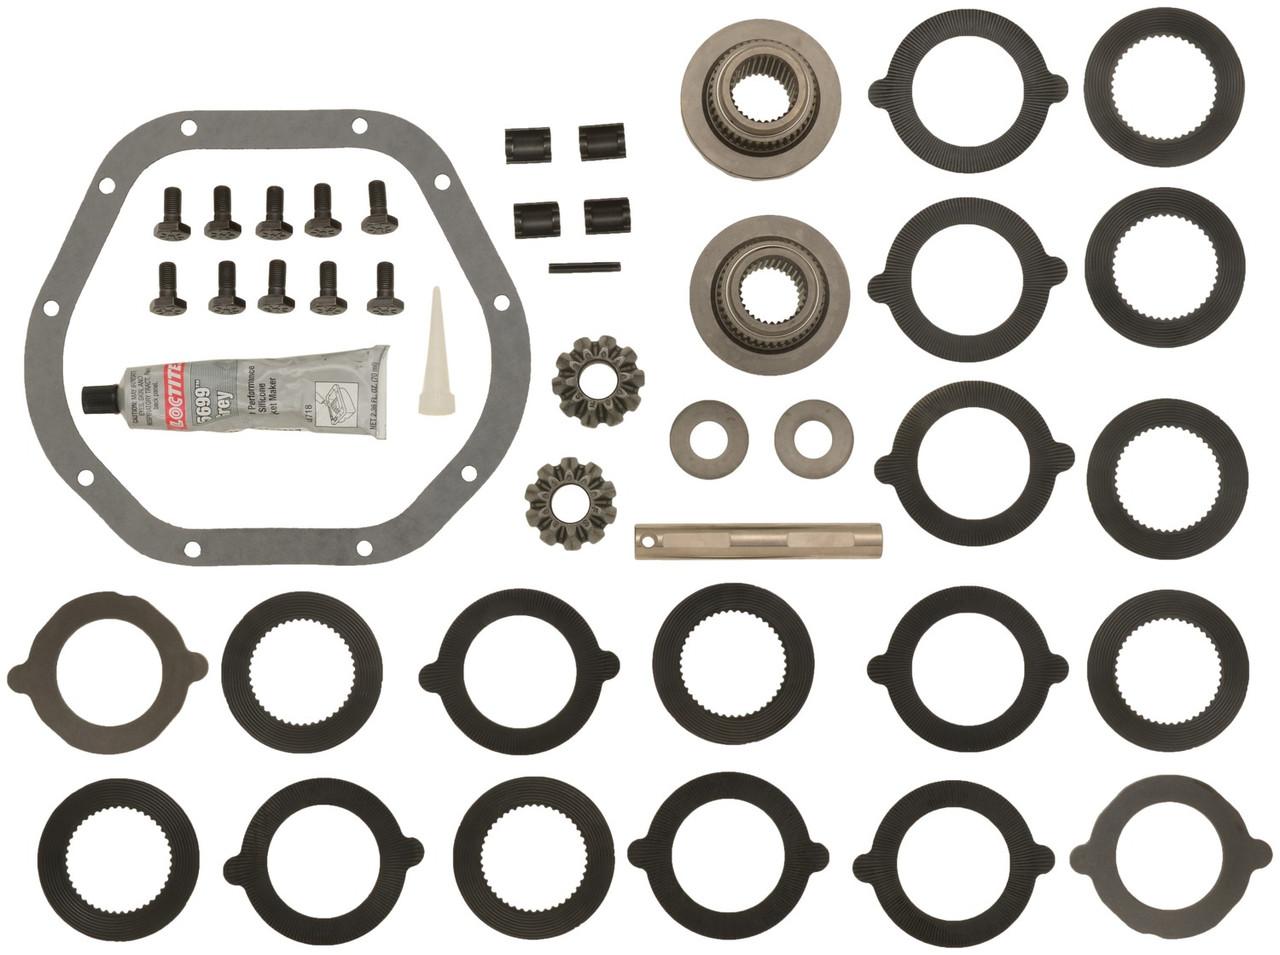 Spicer 708204 Dana 44 Trac Lok Differential Gear Kit Jeep TJ 97-06 30 Spline